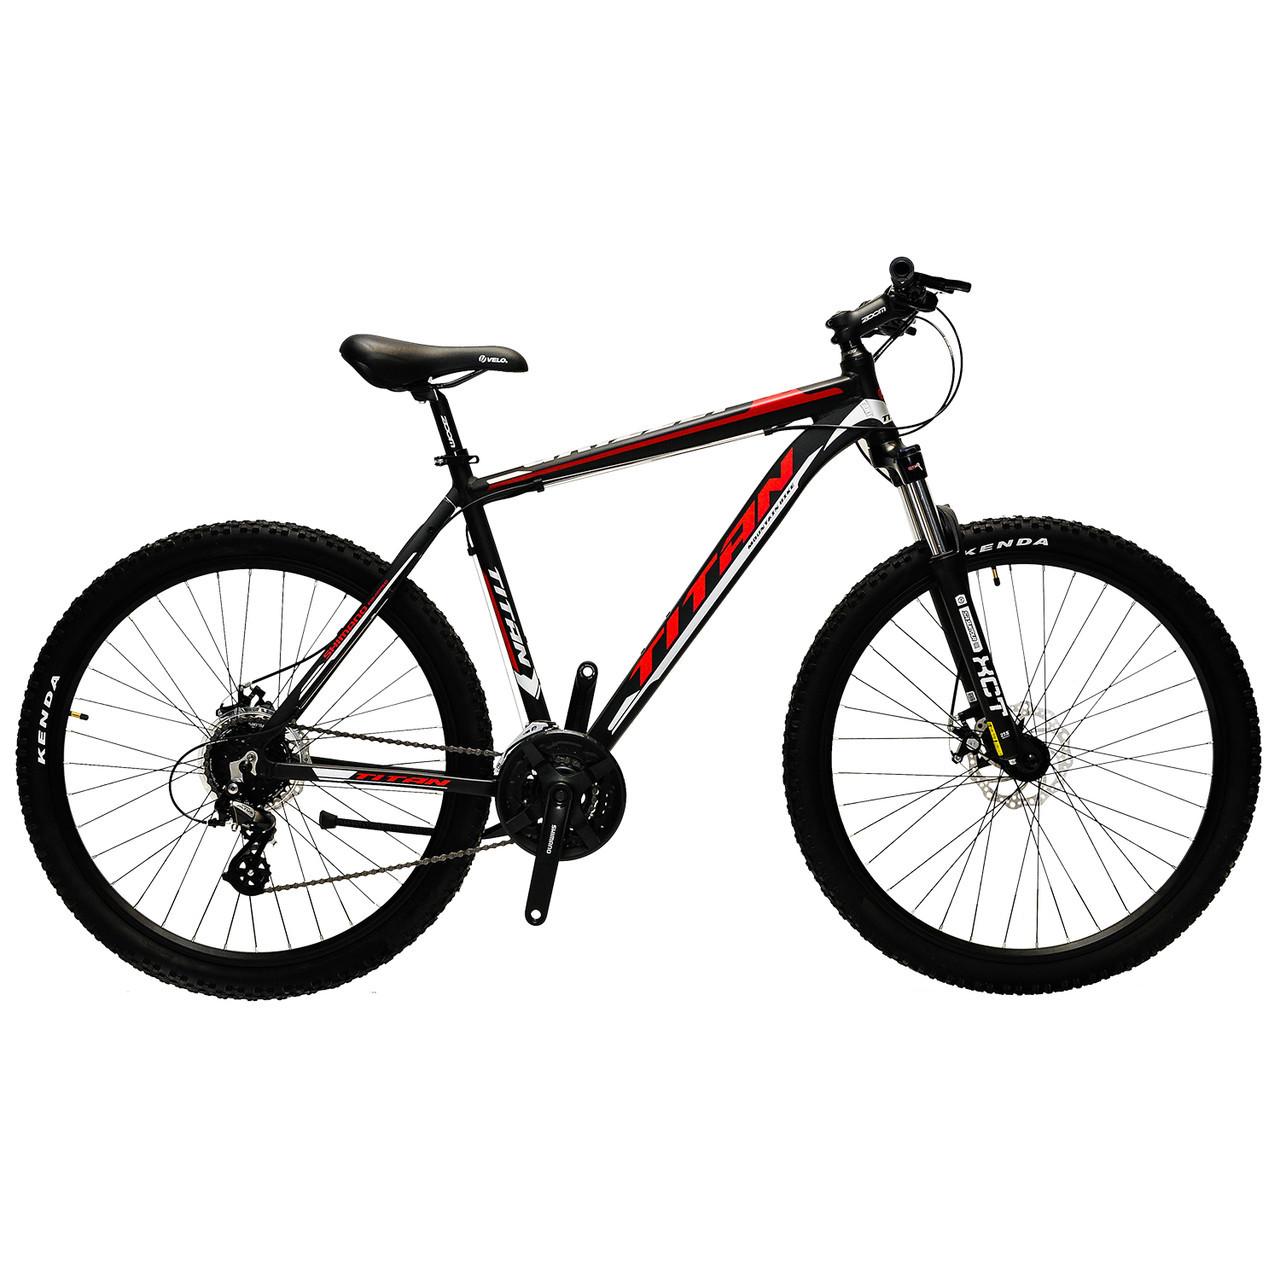 """Алюминиевый горный велосипед 27.5"""" TITAN GRIZZLY 2018 (Shimano, 24sp, Lockout)"""